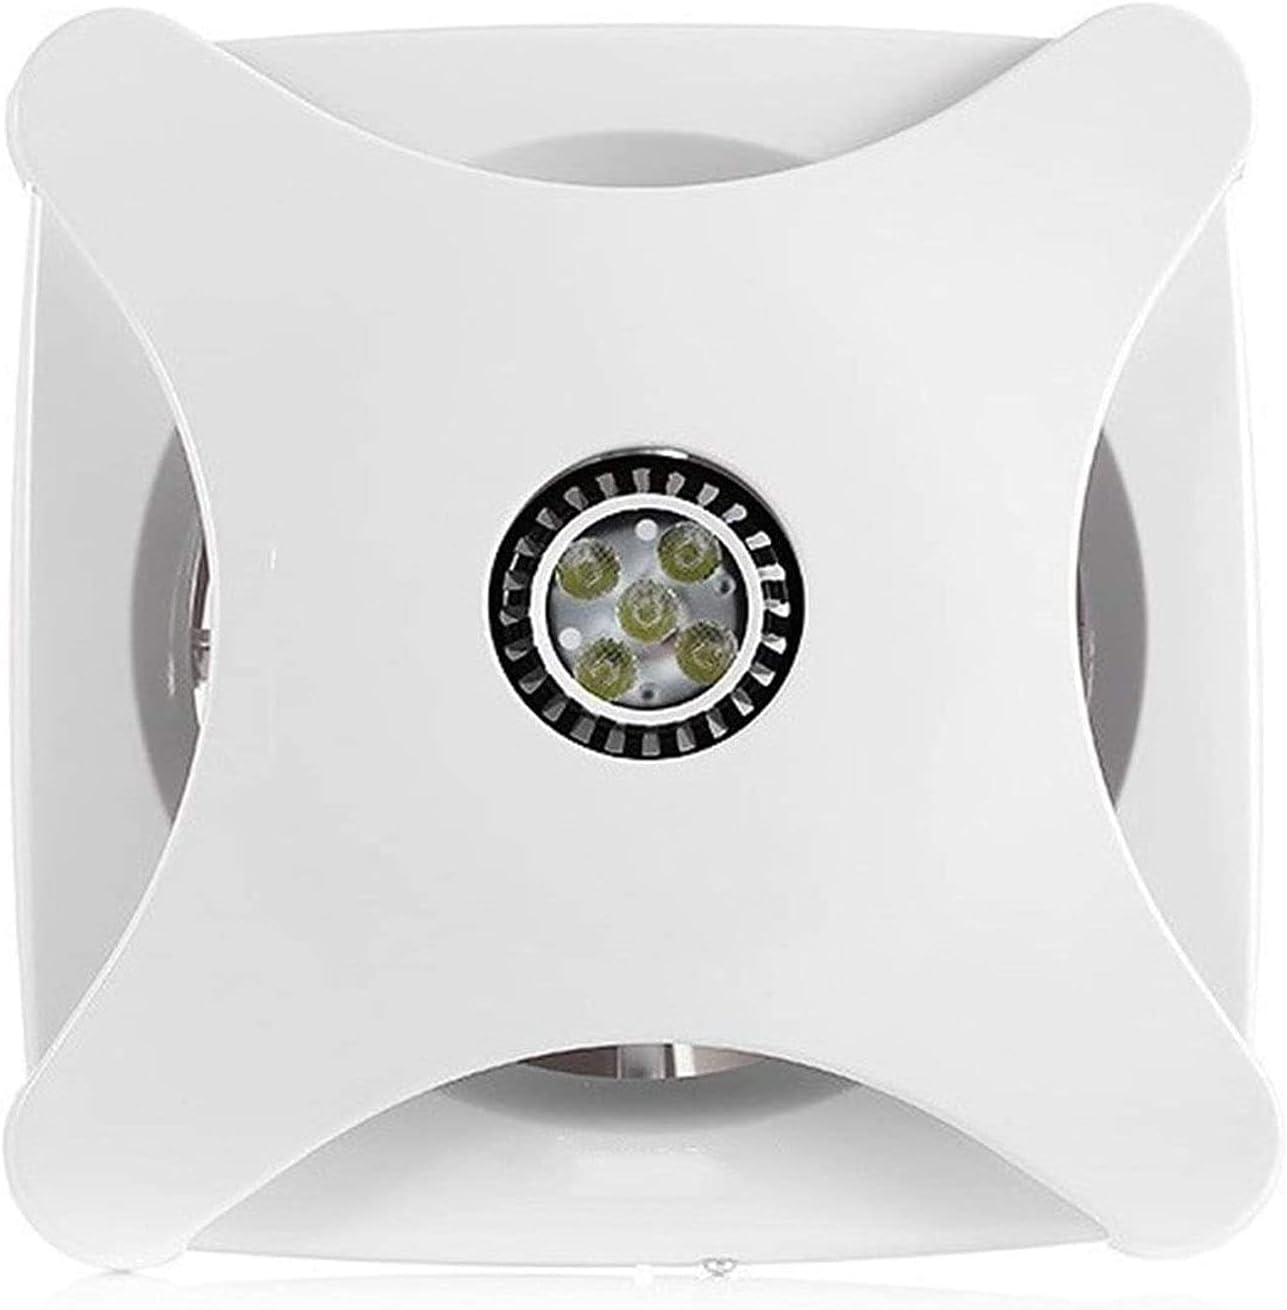 YFGQBCP Extractor de Aire DIRIGIÓ Lámpara de iluminación Baño de Escape Ventilador Ventilador Hogar Potente silencioso Cocina Extracto Ventilador de Escape 6 Pulgadas